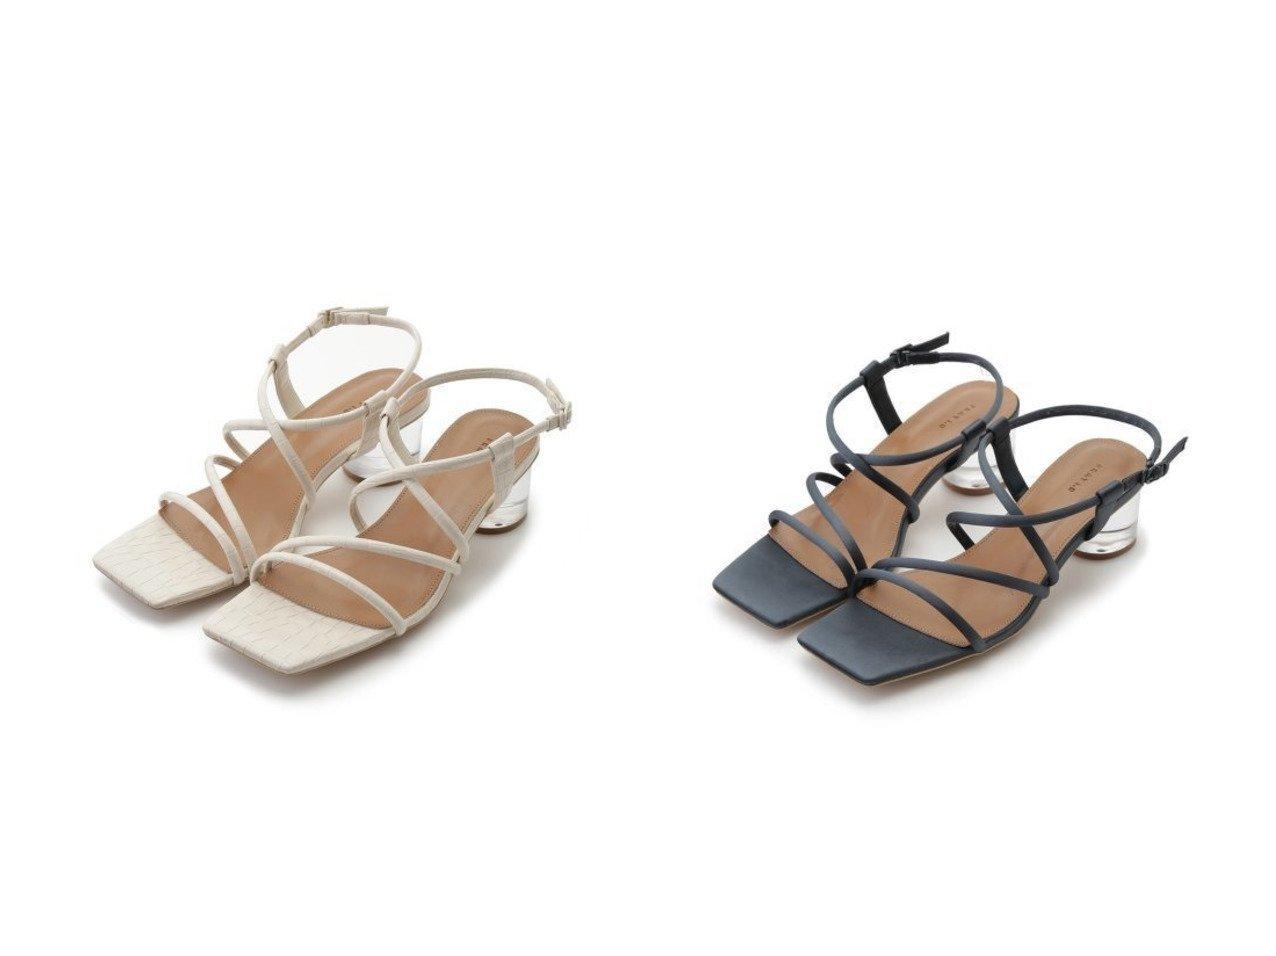 【FRAY I.D/フレイ アイディー】のストラップサンダル シューズ・靴のおすすめ!人気、トレンド・レディースファッションの通販 おすすめで人気の流行・トレンド、ファッションの通販商品 メンズファッション・キッズファッション・インテリア・家具・レディースファッション・服の通販 founy(ファニー) https://founy.com/ ファッション Fashion レディースファッション WOMEN サテン サンダル シューズ ストラップサンダル スマート スリム ラップ 再入荷 Restock/Back in Stock/Re Arrival  ID:crp329100000023334